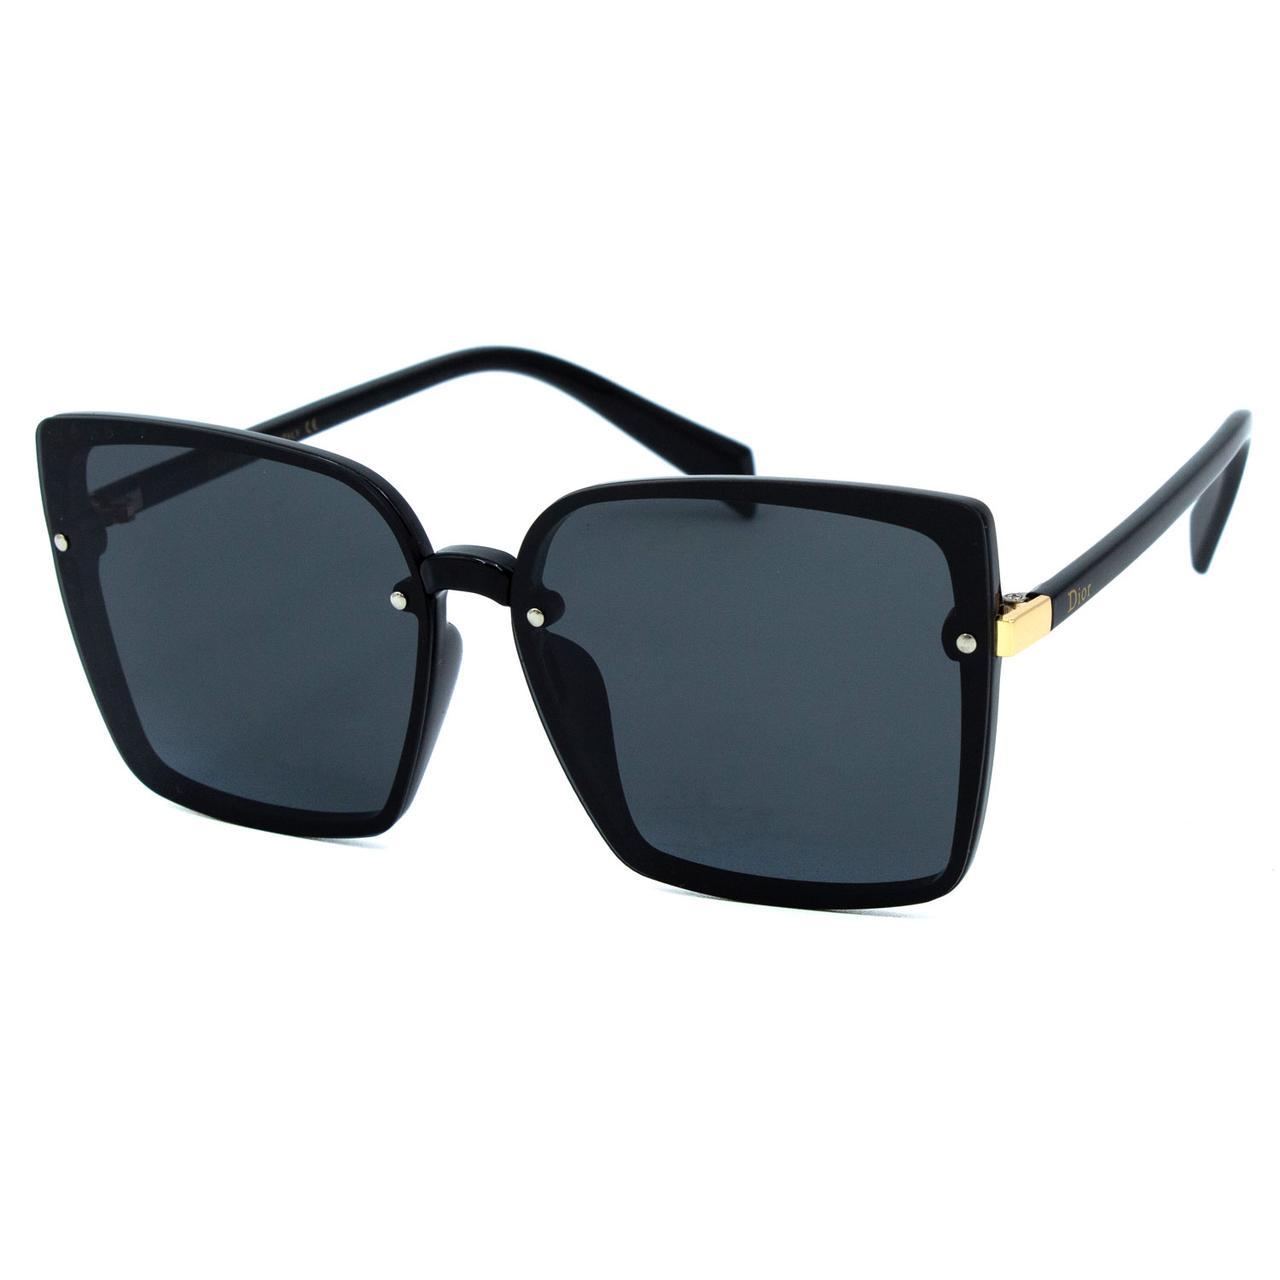 Солнцезащитные очки Dr R9962 C1 черные     ( R9962-01 )